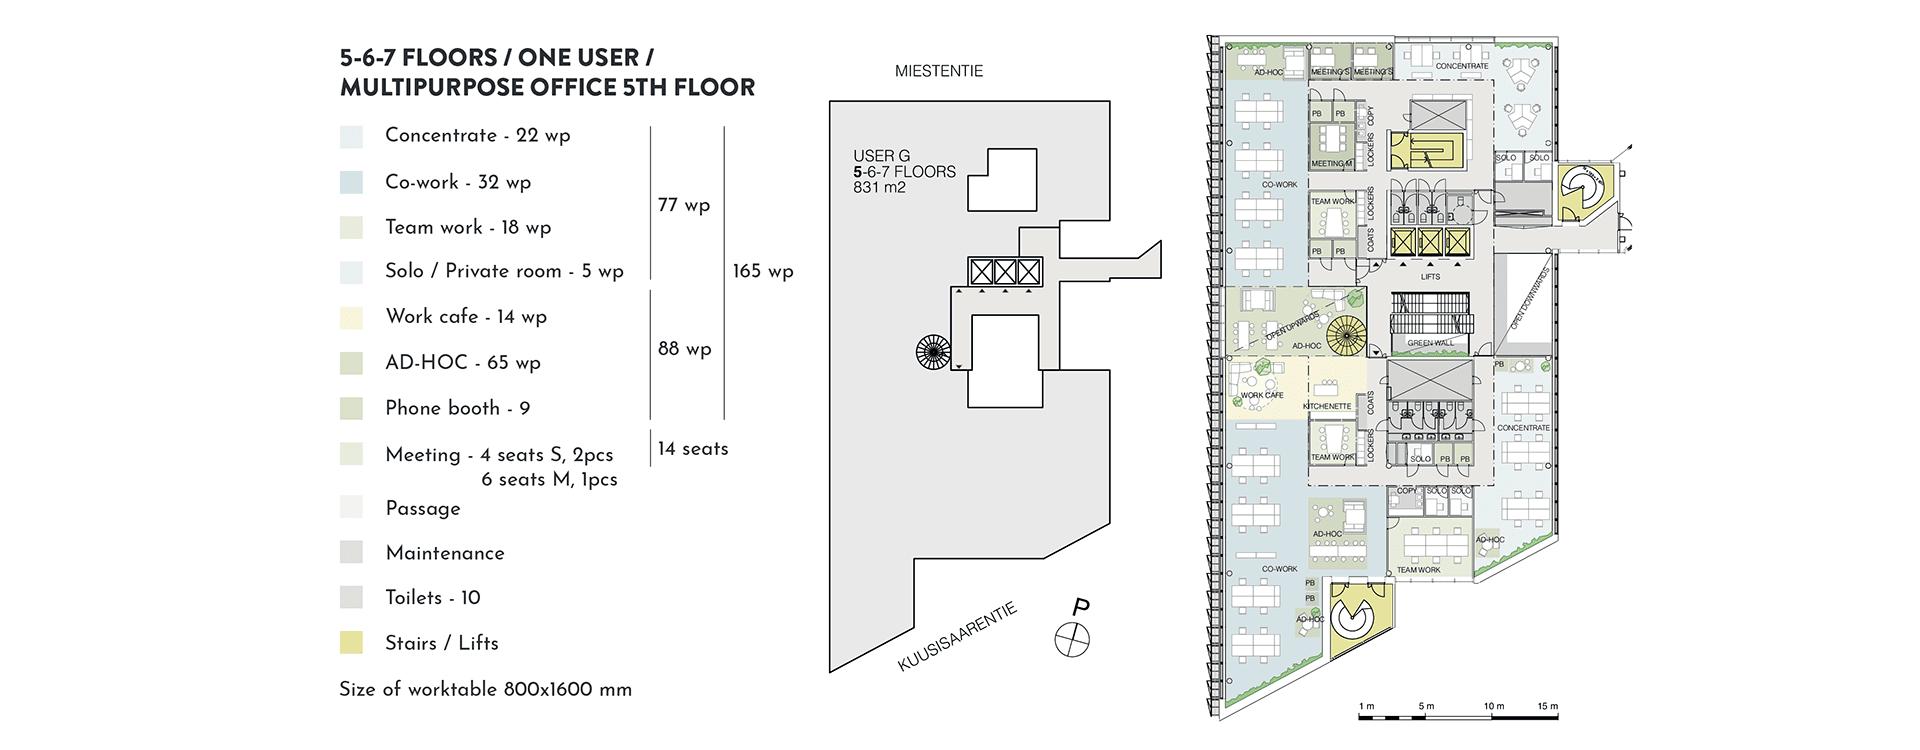 Swing House pohjapiirros monitilatoimisto yhdelle käyttäjälle, 5. krs., pinta-ala 831 m2/kerros